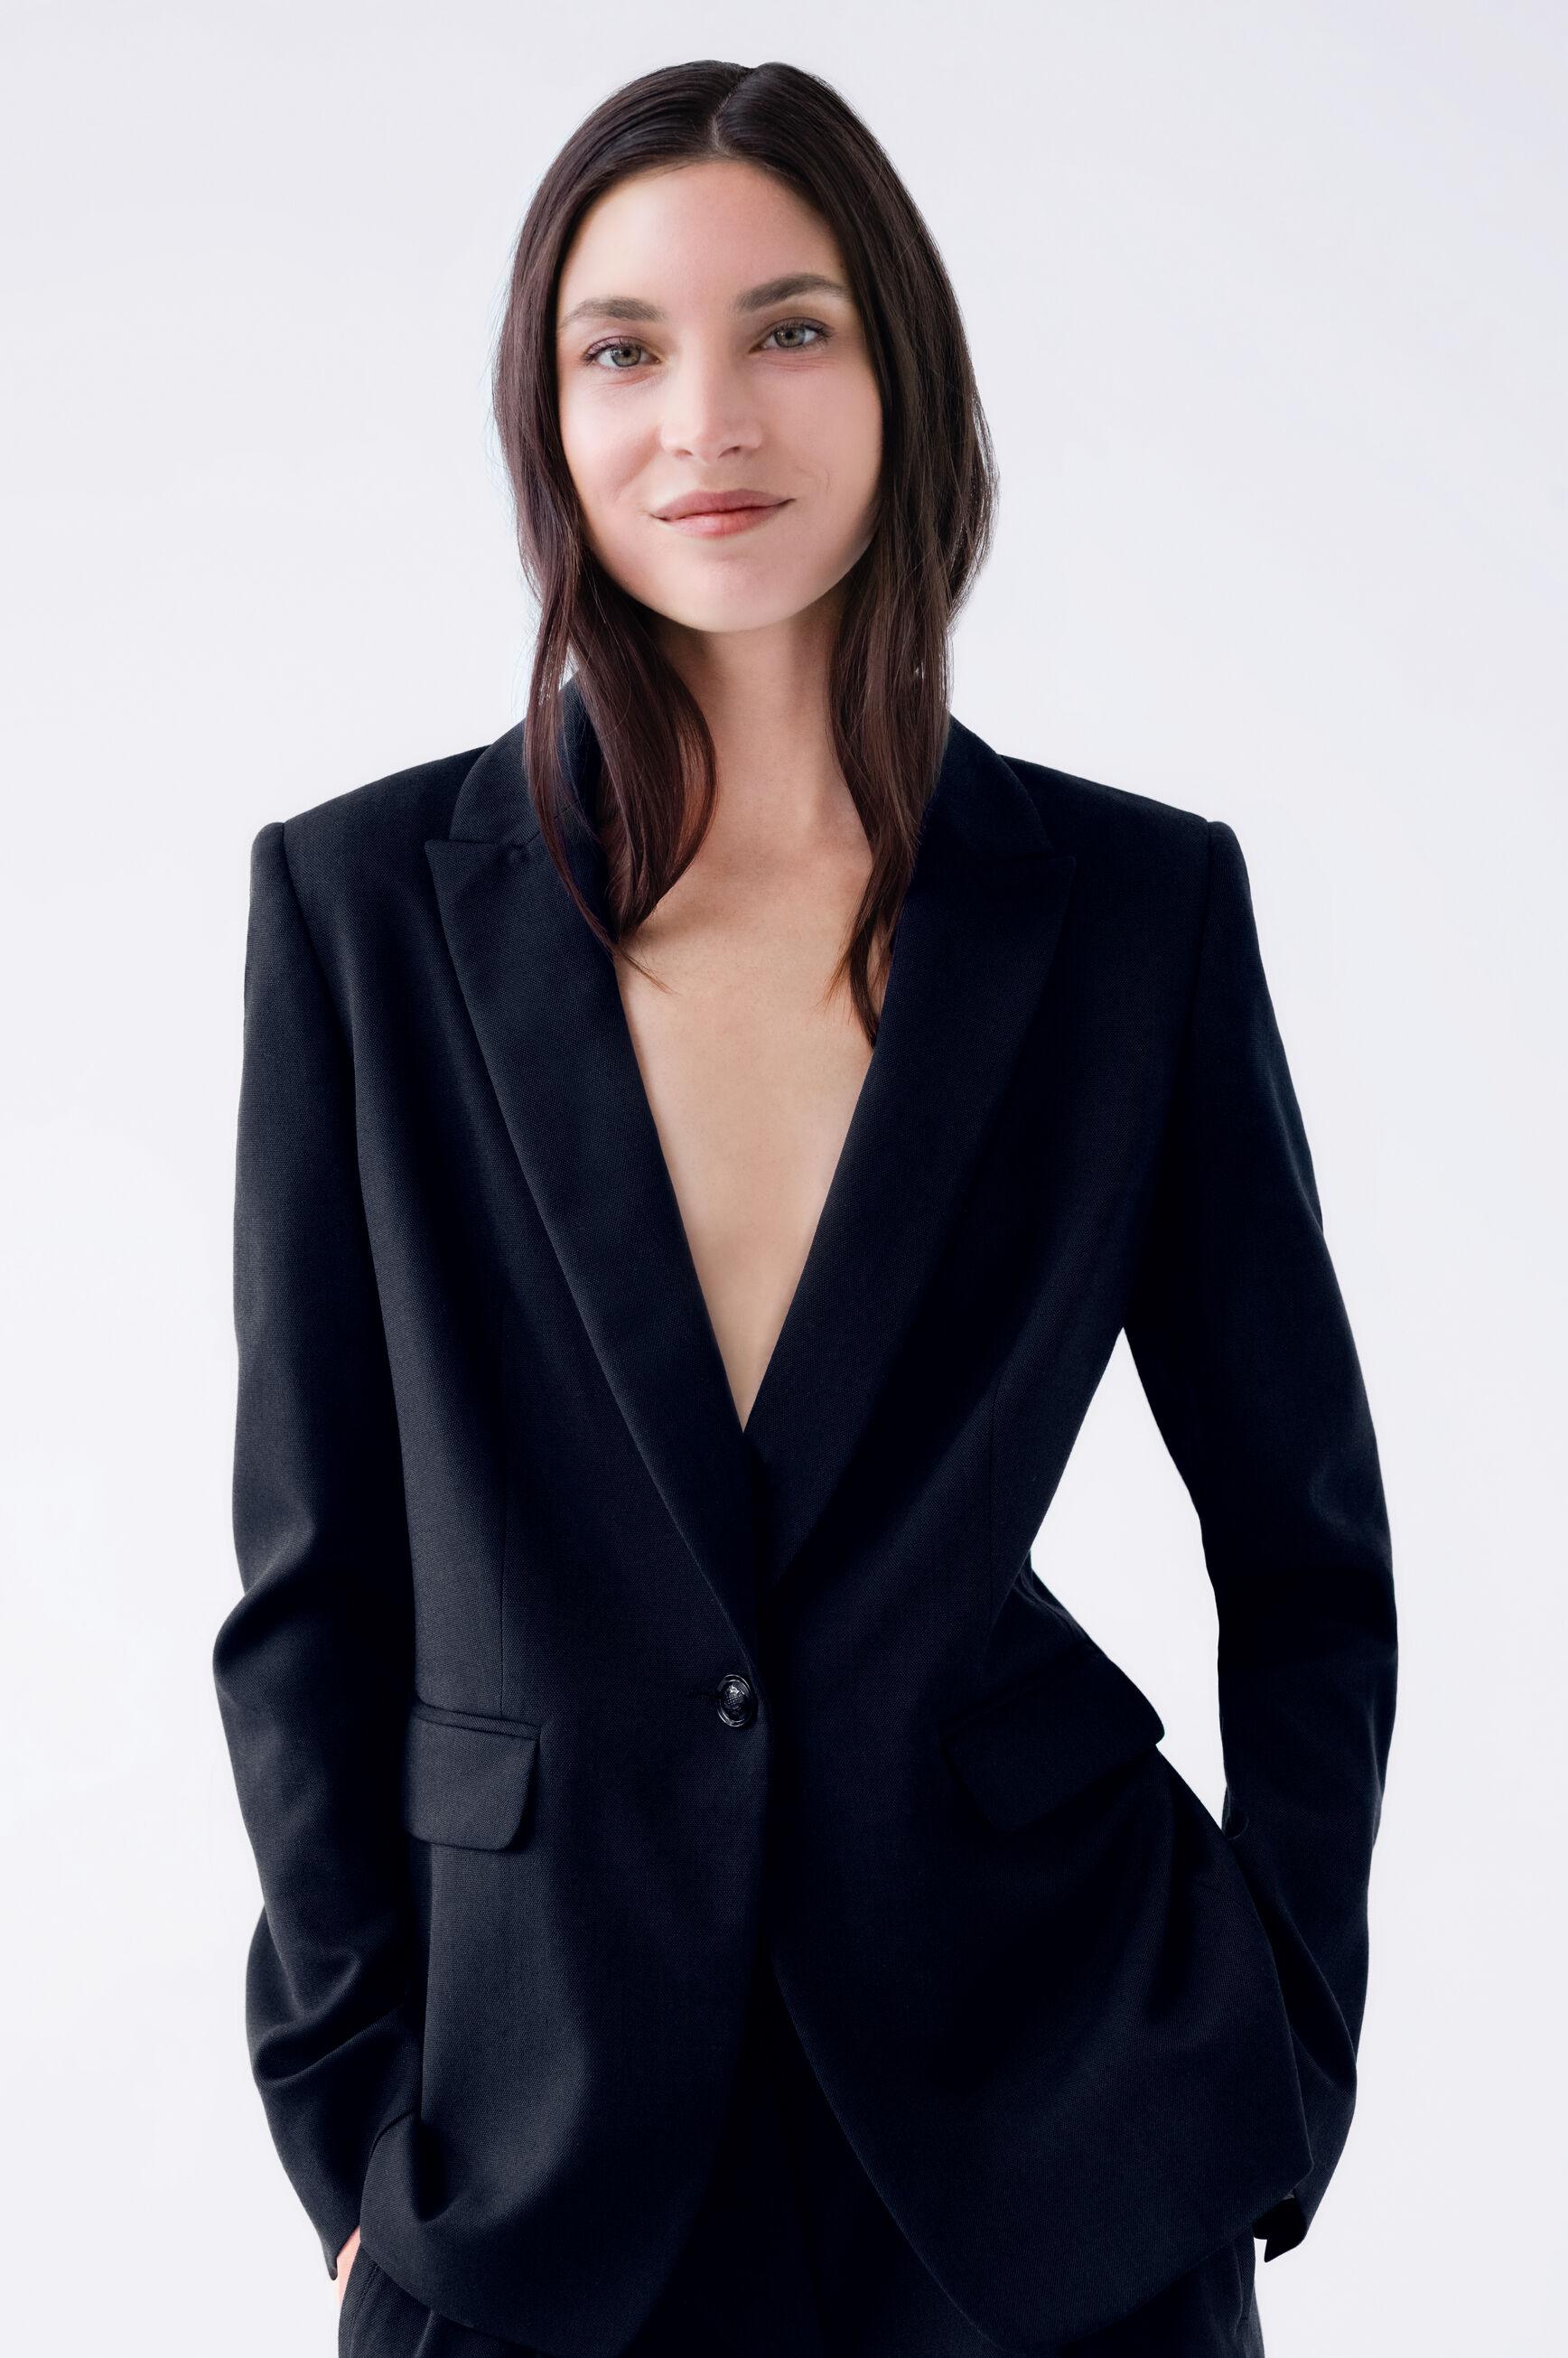 Manteau et blouson femme pas cher